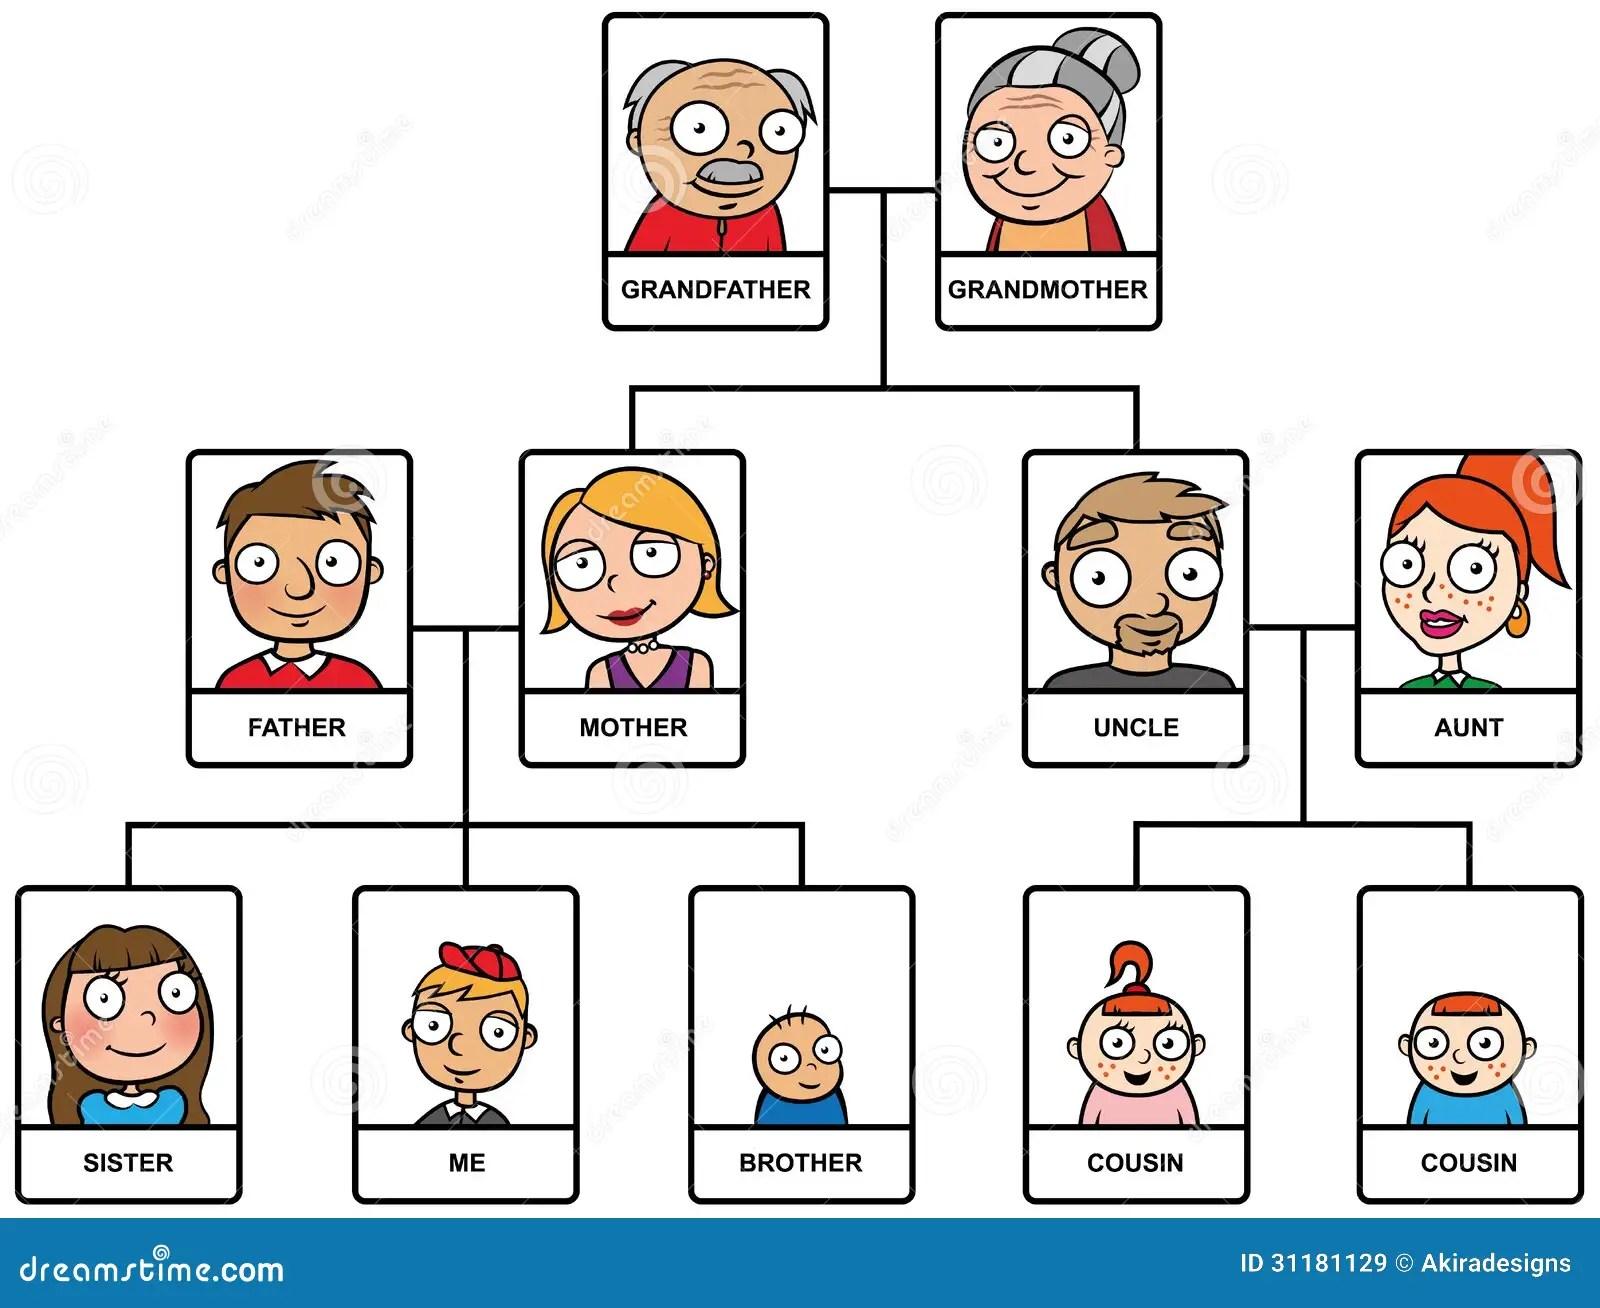 Cartoon Family Tree Stock Vector Illustration Of Tree